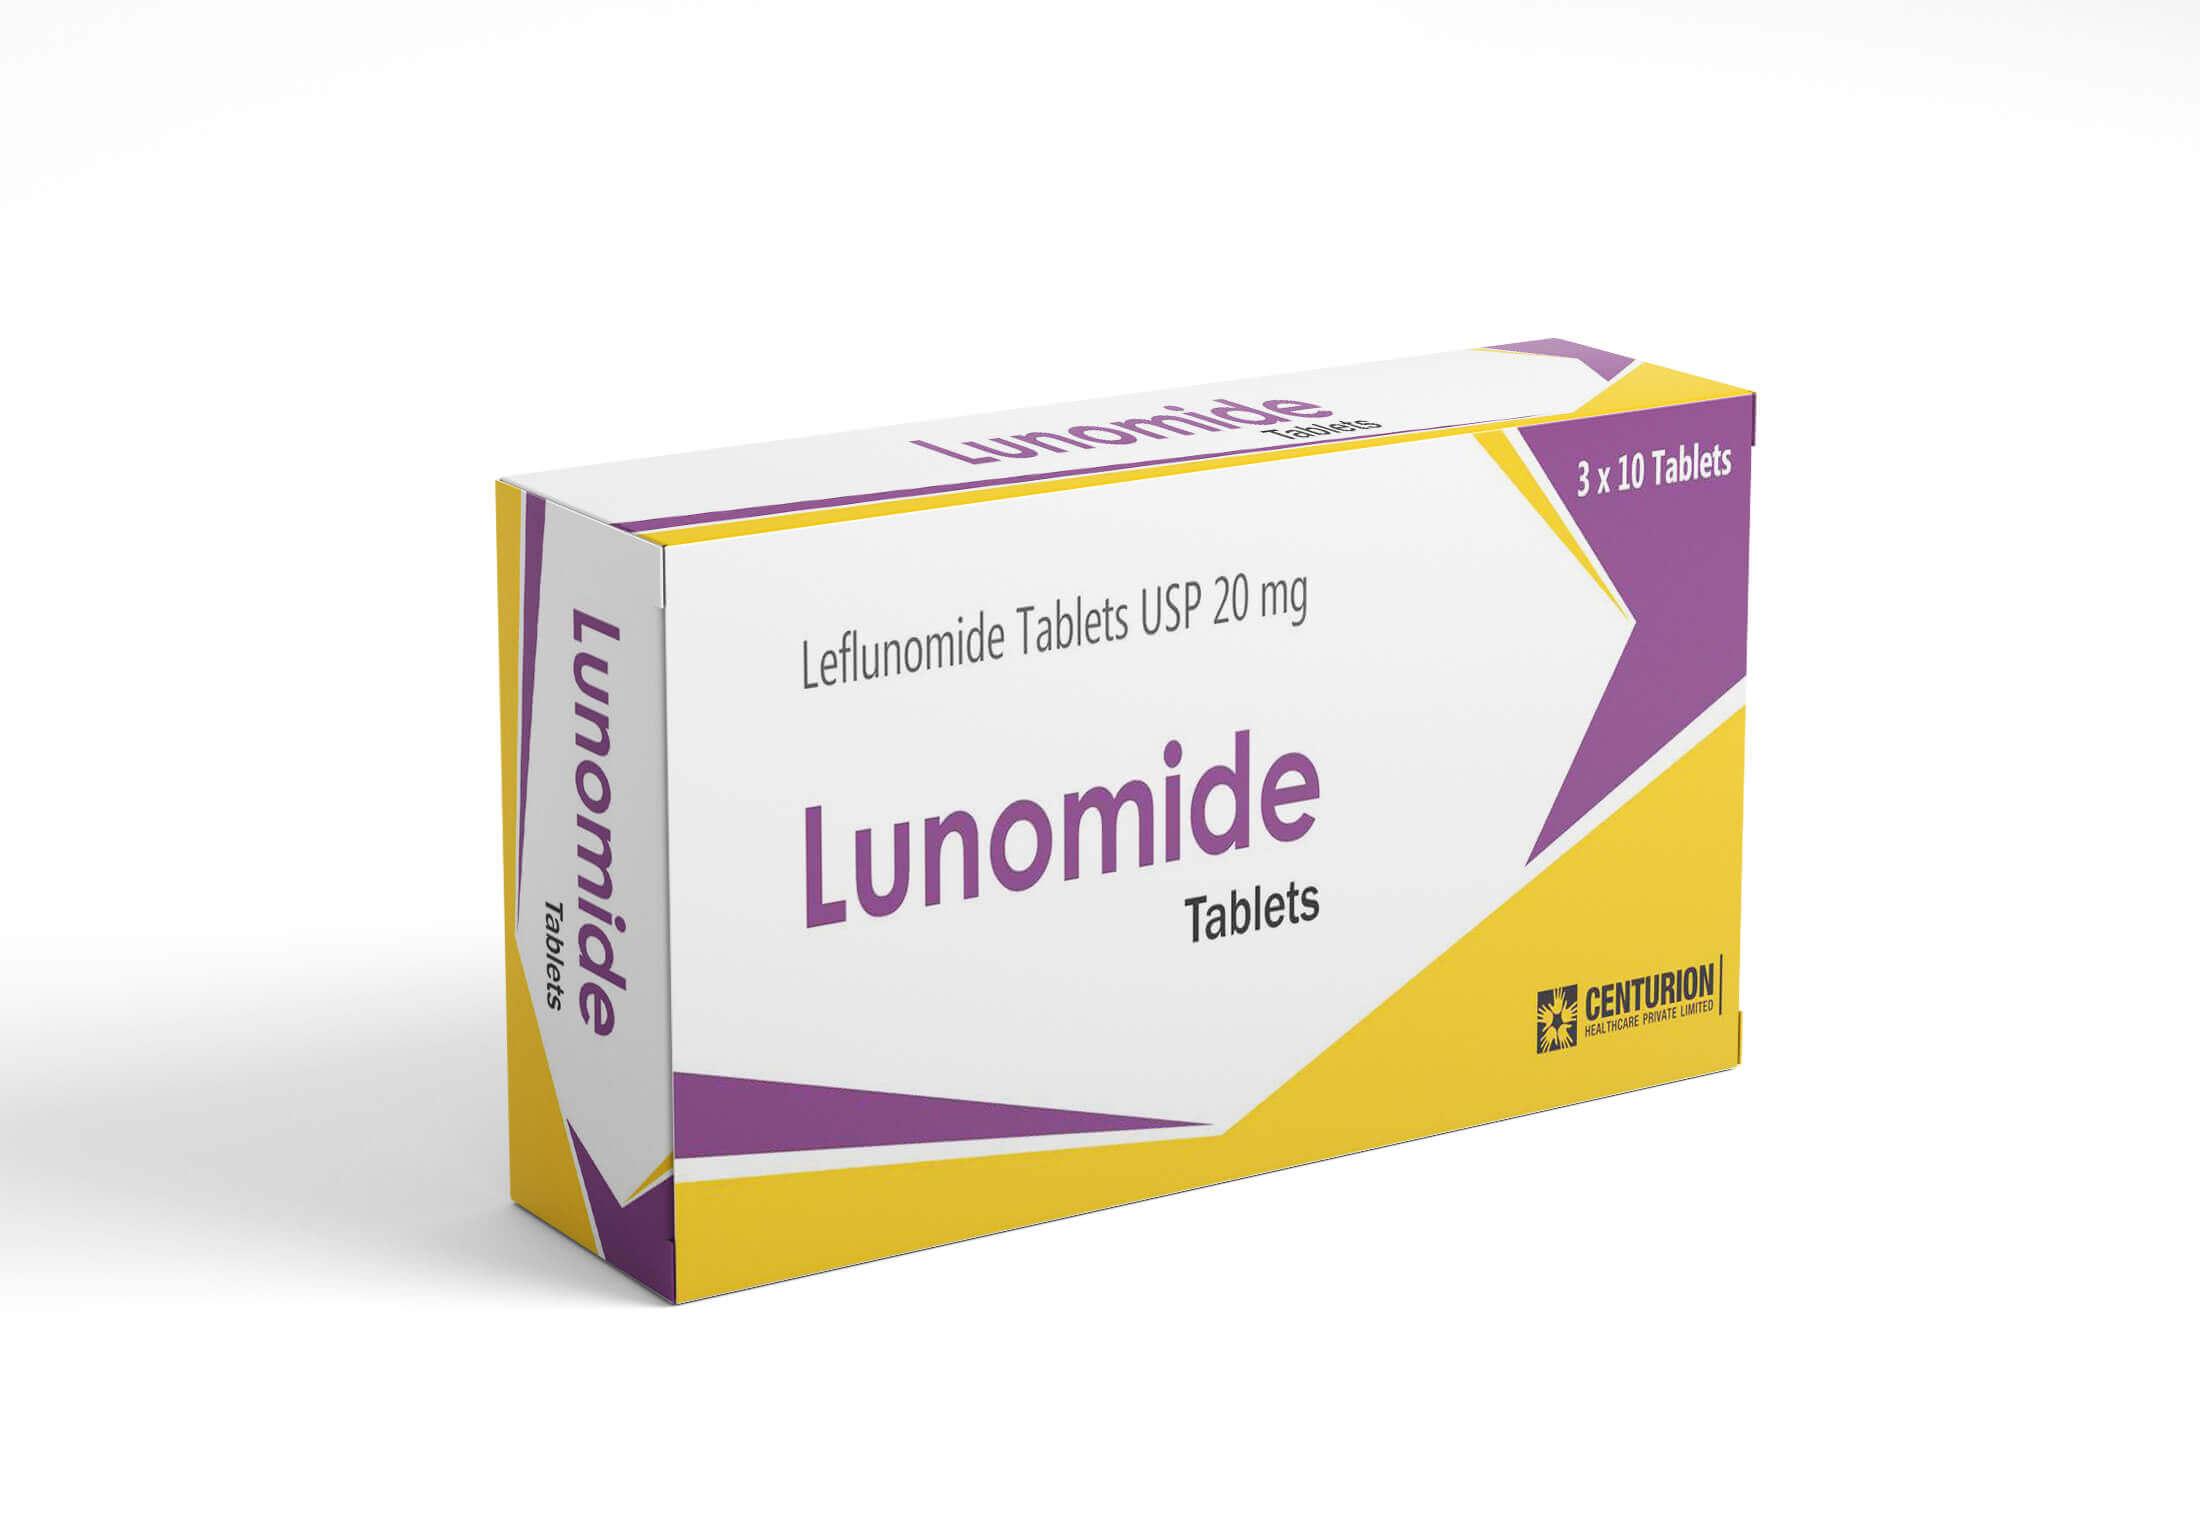 Lunomide Tablets